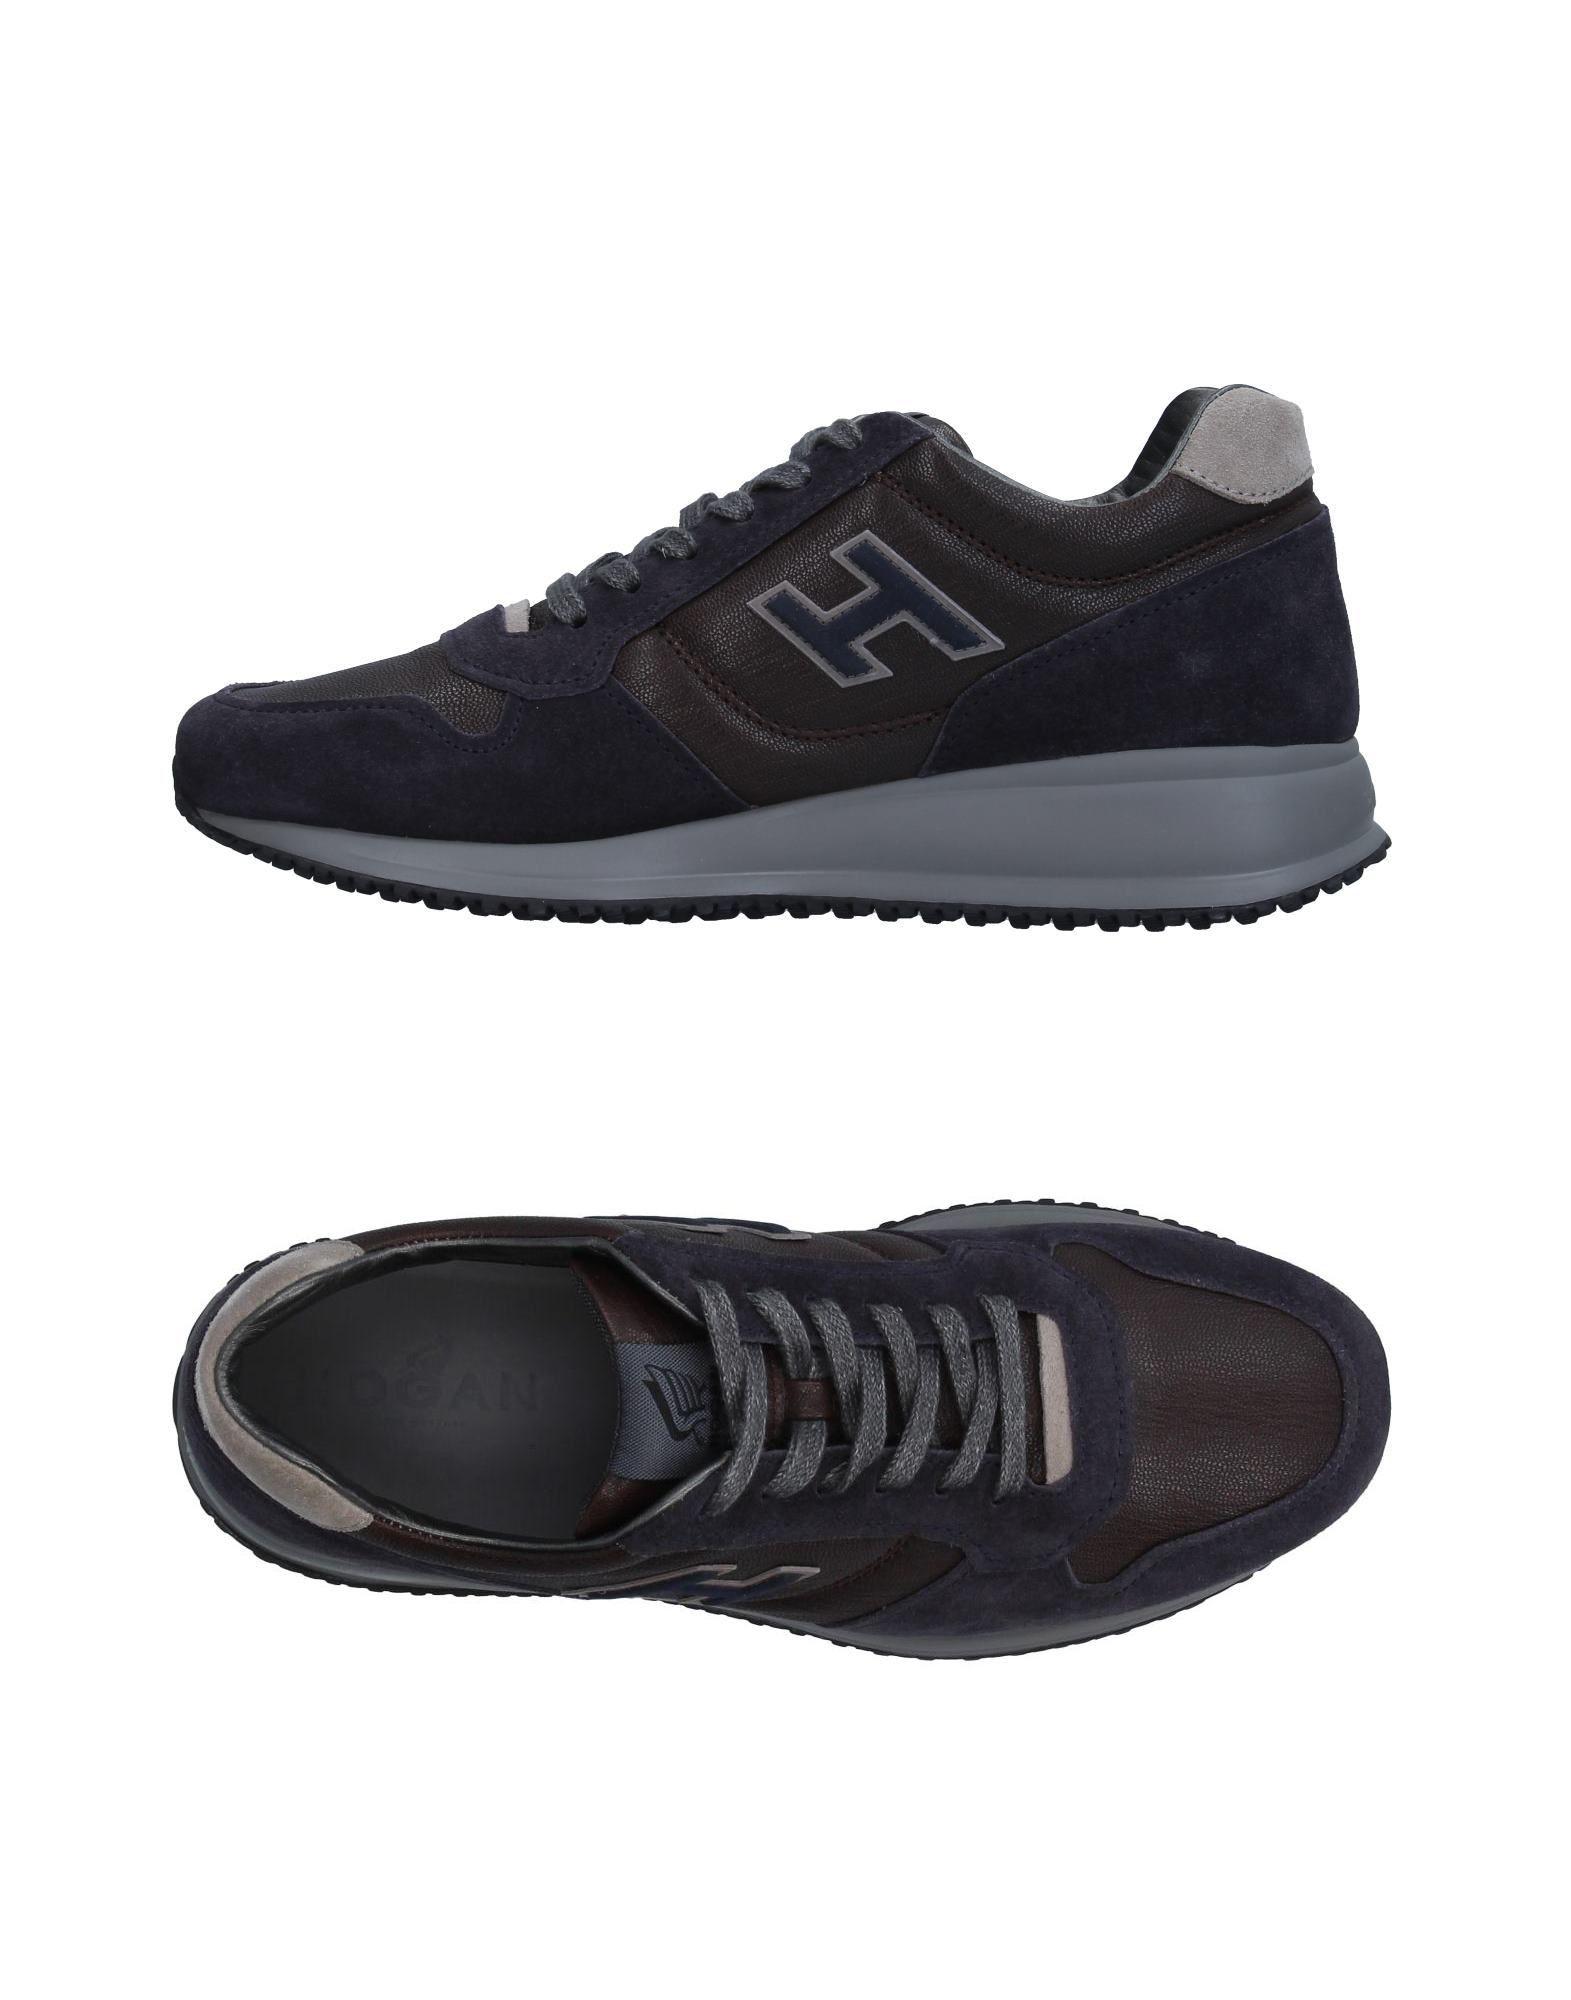 Hogan Sneakers Herren  11297017MB Gute Qualität beliebte Schuhe